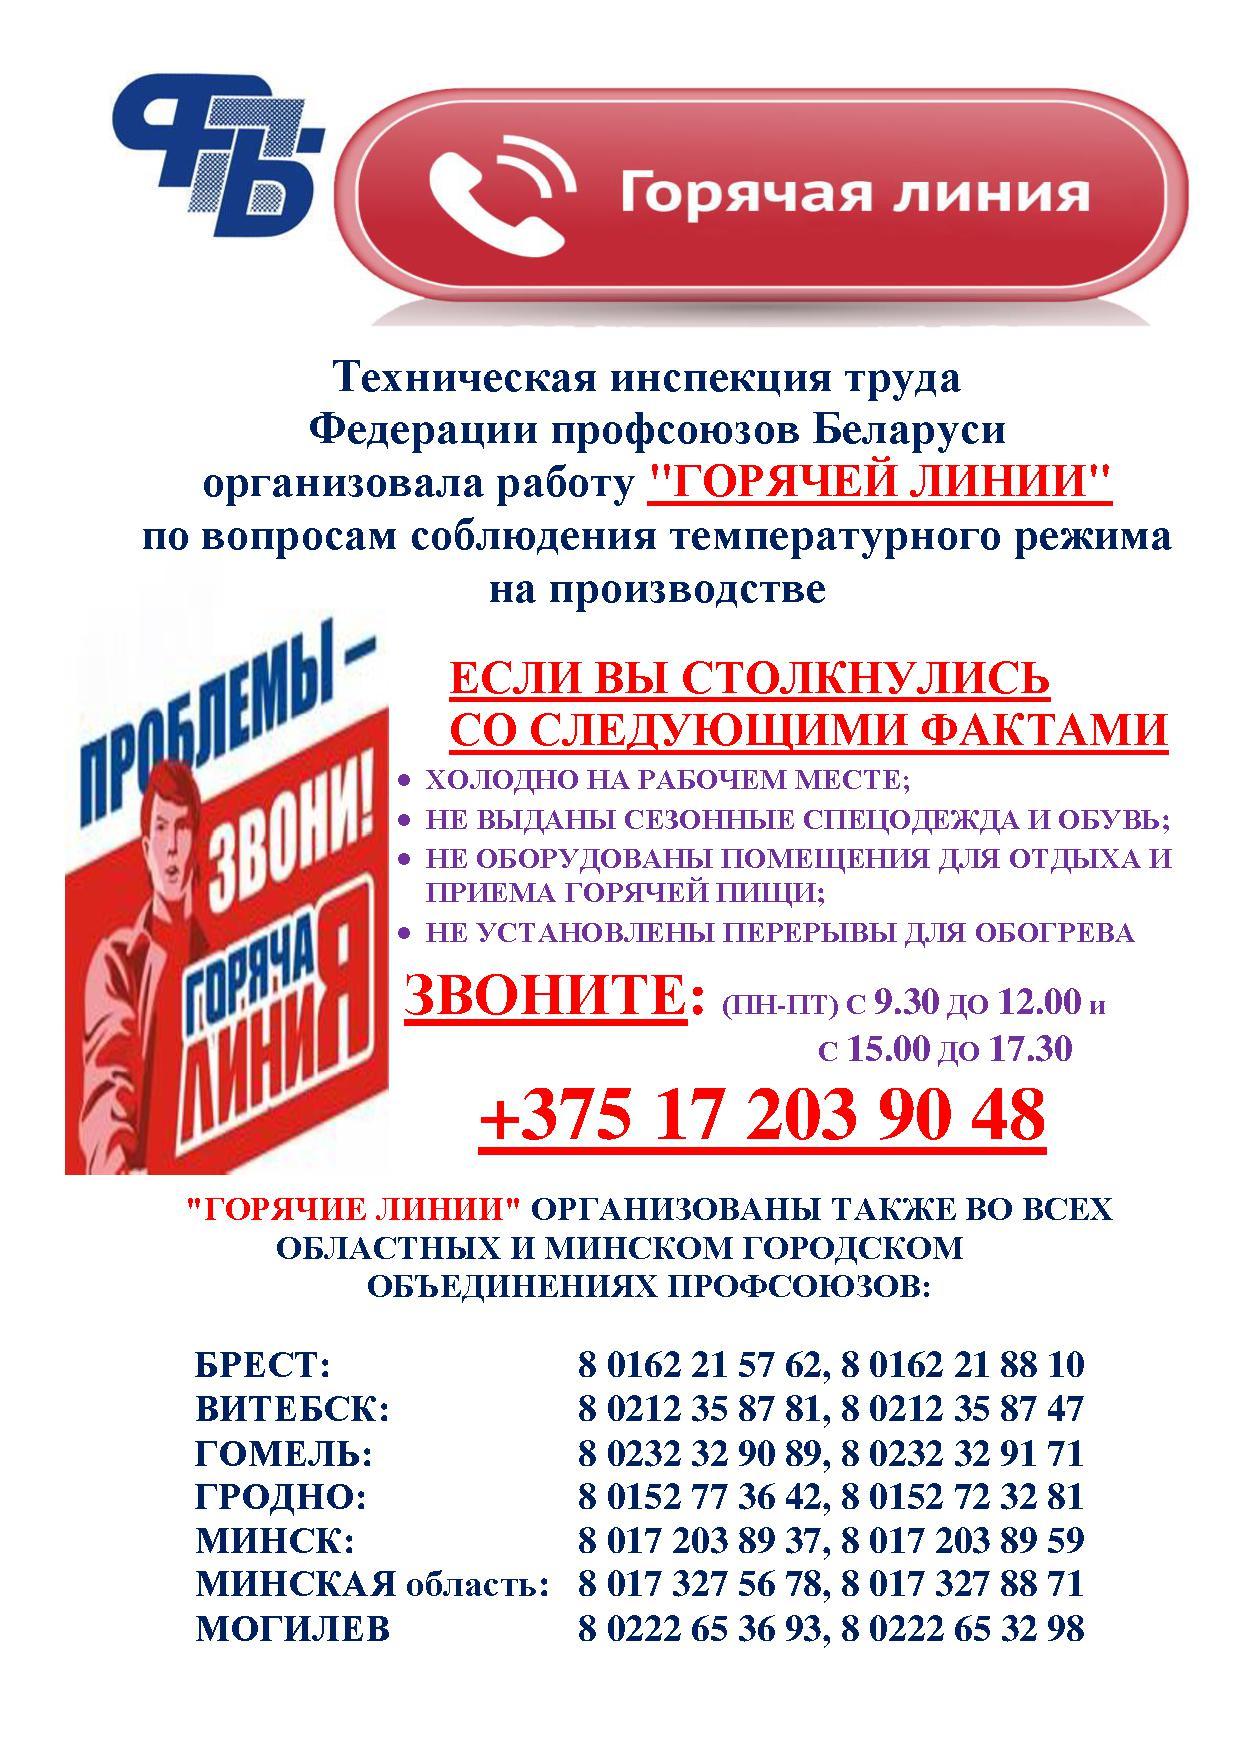 Техническая инспекция труда ФПБ организовала работу ГОРЯЧЕЙ ЛИНИИ